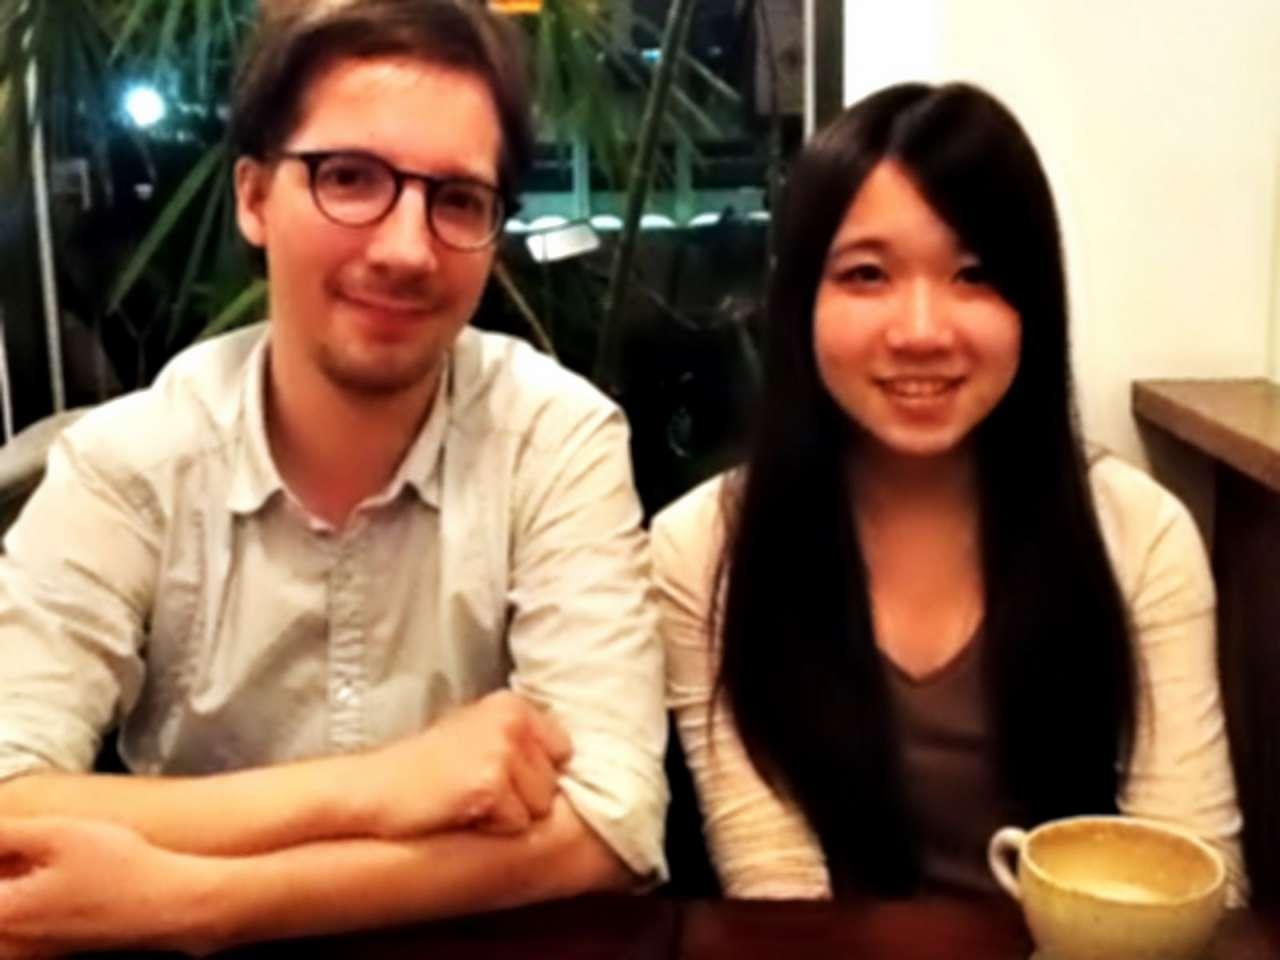 團隊,是建立在信任上/專訪 Ignite Taipei 共同創辦人 Greg & Tifi